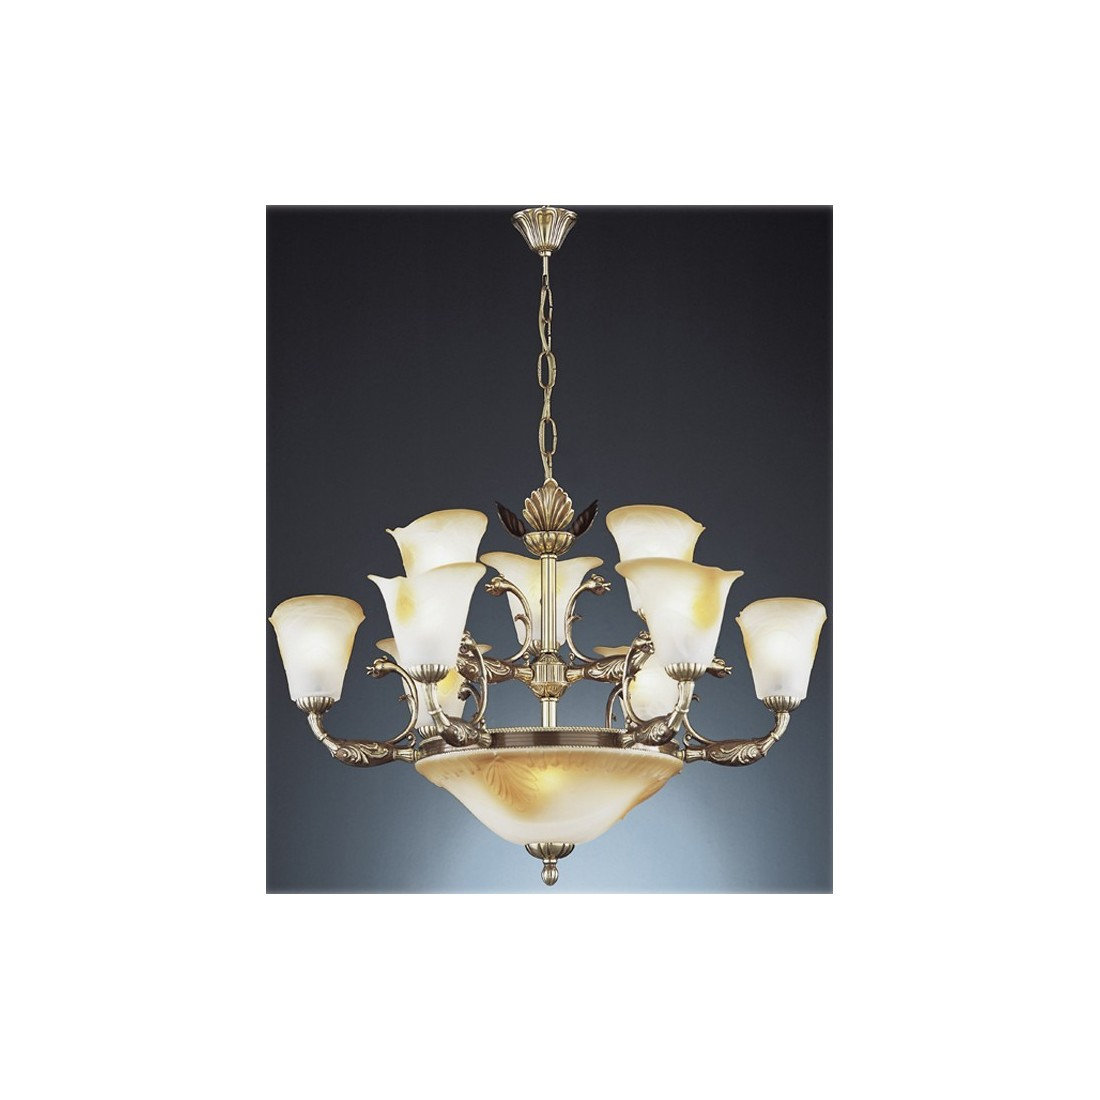 Cristal de murano color mbar l mpara env o r pido y seguro for Lamparas vintage baratas